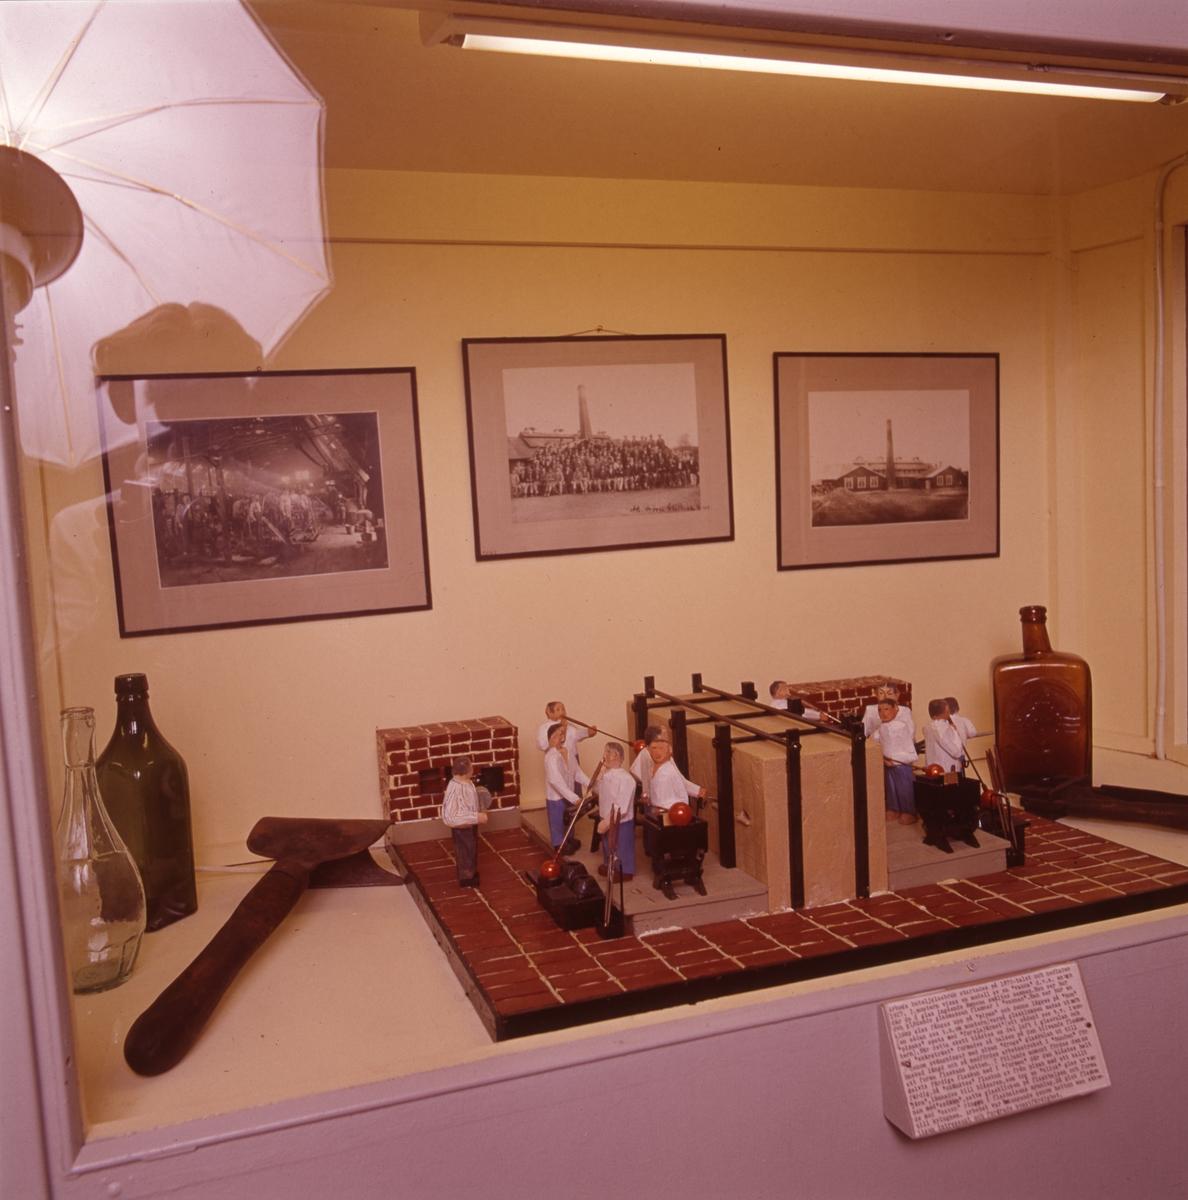 """Arboga museum, interiör. En modell föreställande glasblåsare, tre flaskor från Arboga Glasbruk, ett verktyg samt tre inramade fotografier från glasbruket. Fotograf Reinhold Carlsson, och hans paraplyblixt, speglar sig i monterglaset.  Uppgifterna om vilket år glasbruket etablerades varierar; 1867, 1870 och 1874 är exempel.  Bolagsordningen, för Arboga Glasbruks AB, stadfästes 1875. Bruket anlades nära hamnen och järnvägen. Buteljer fraktades till Stockholm med lastångaren """"Trögelin"""". På glasbruket tillverkades ca 400 olika sorters flaskor, olika storlekar inräknade. Glasbruket lades ner 1928.  Läs om Arboga Glasbruk i Hembygdsföreningen Arboga Minnes årsböcker 1982 och 2011."""